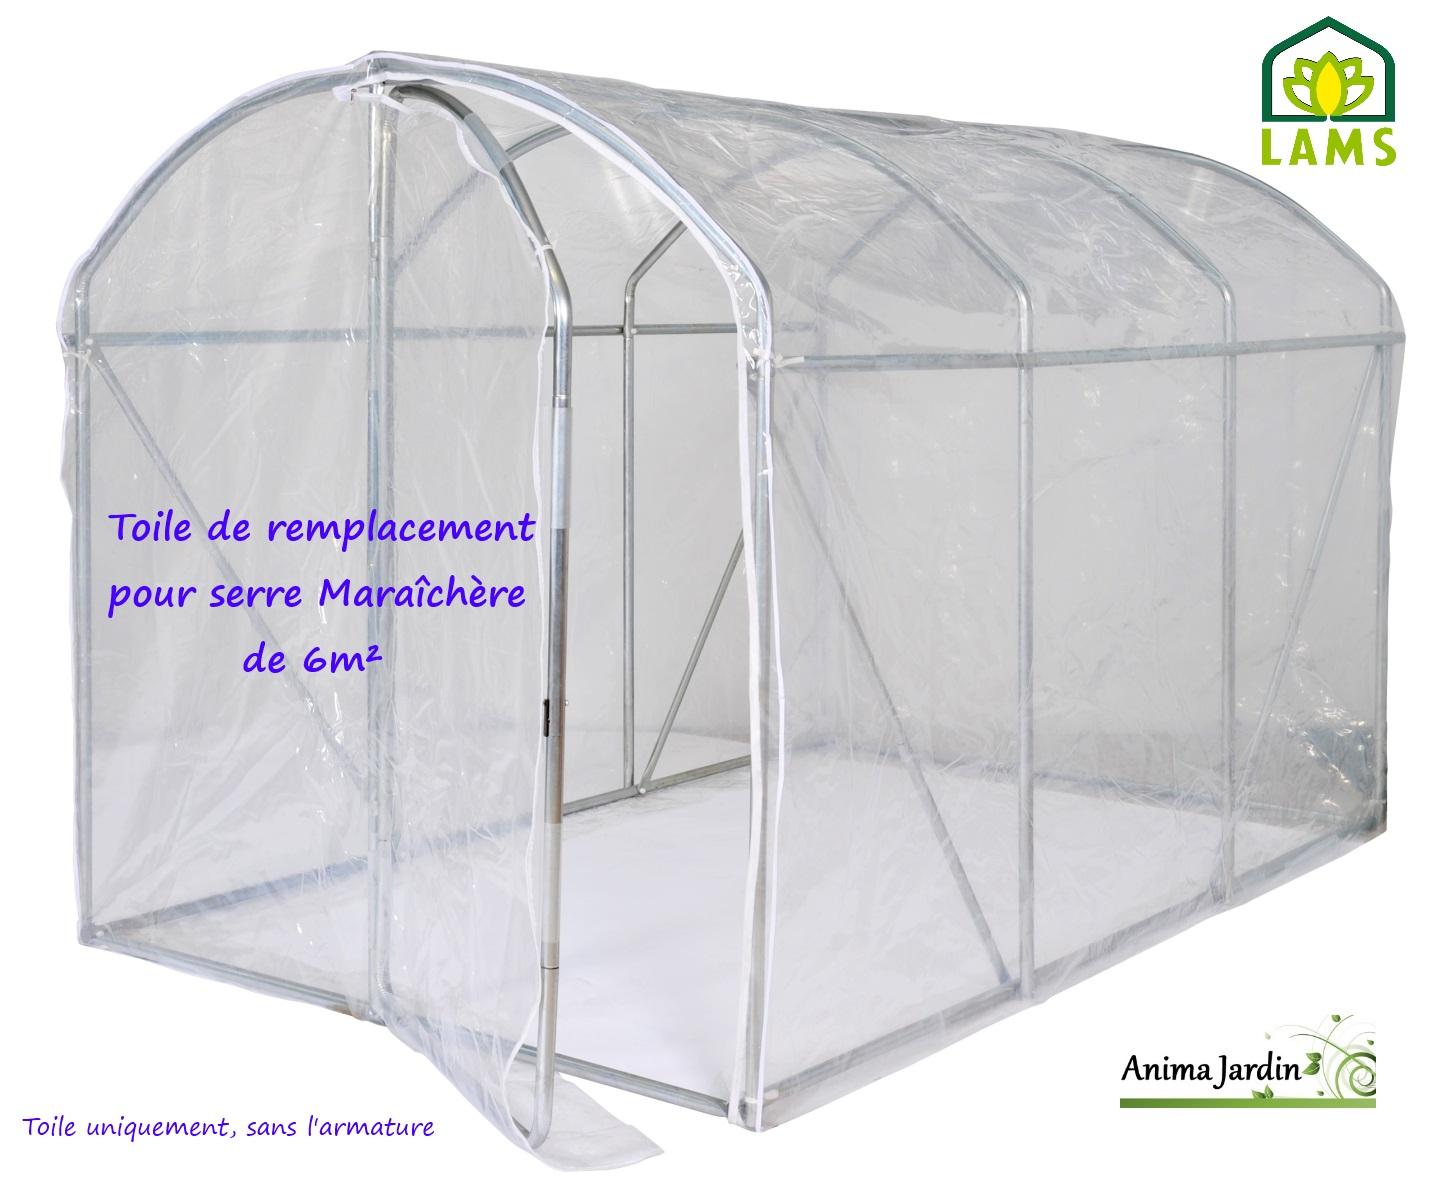 Toile De Remplacement Serre Maraîchère 6M², Lams, Bâche pour Bache Pour Serre De Jardin